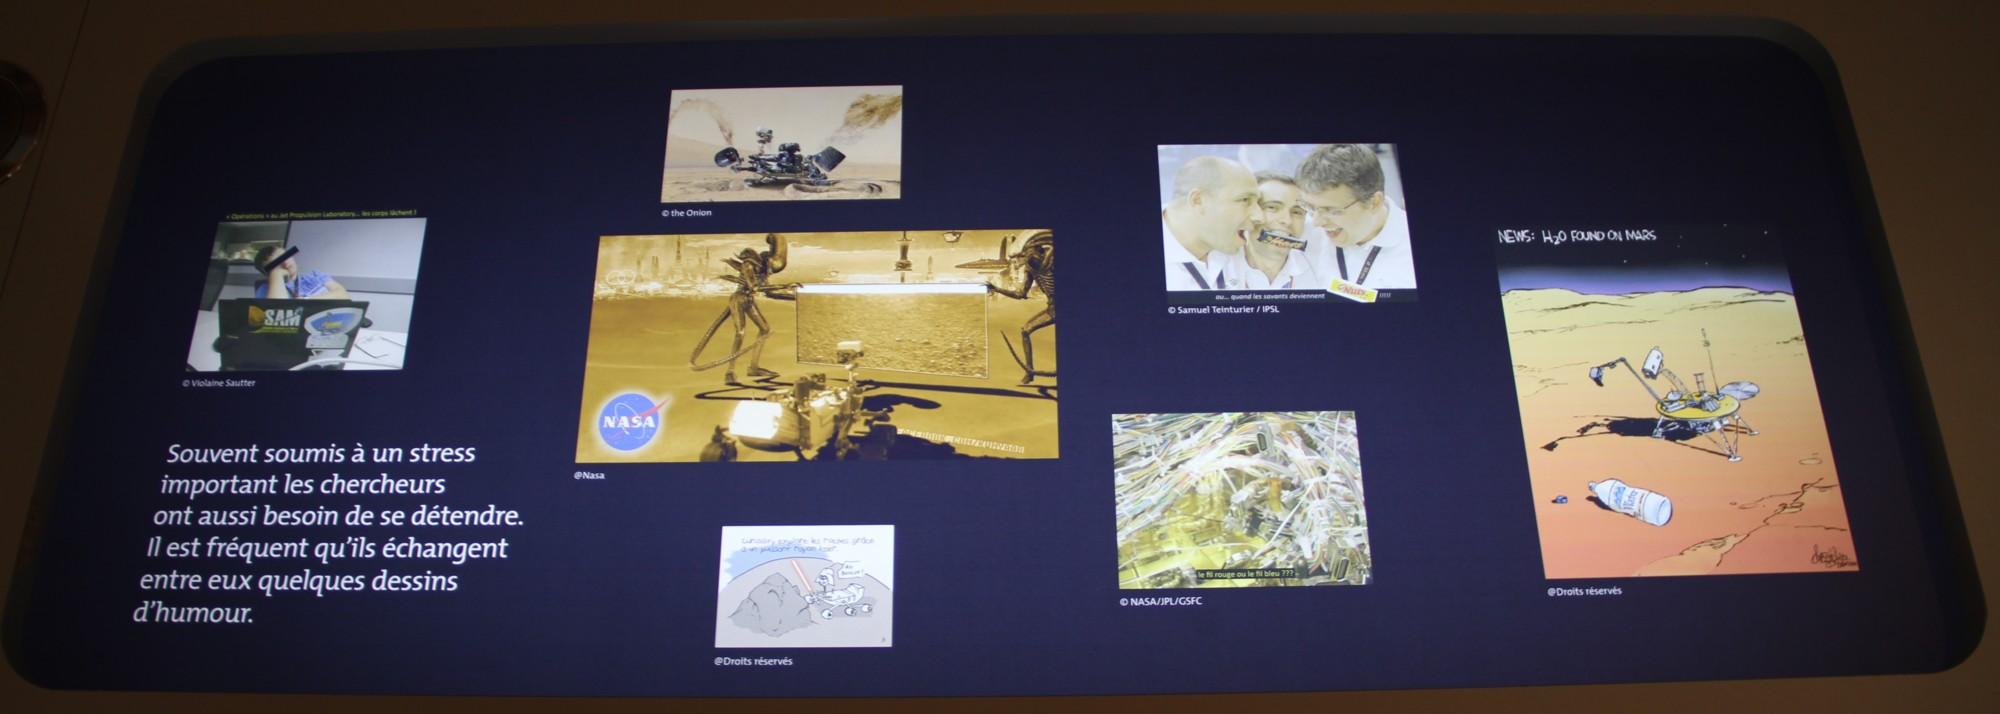 14 12 18 - 17h 43m 49s - Expo l'eau sur Mars pavillon de l'eau r